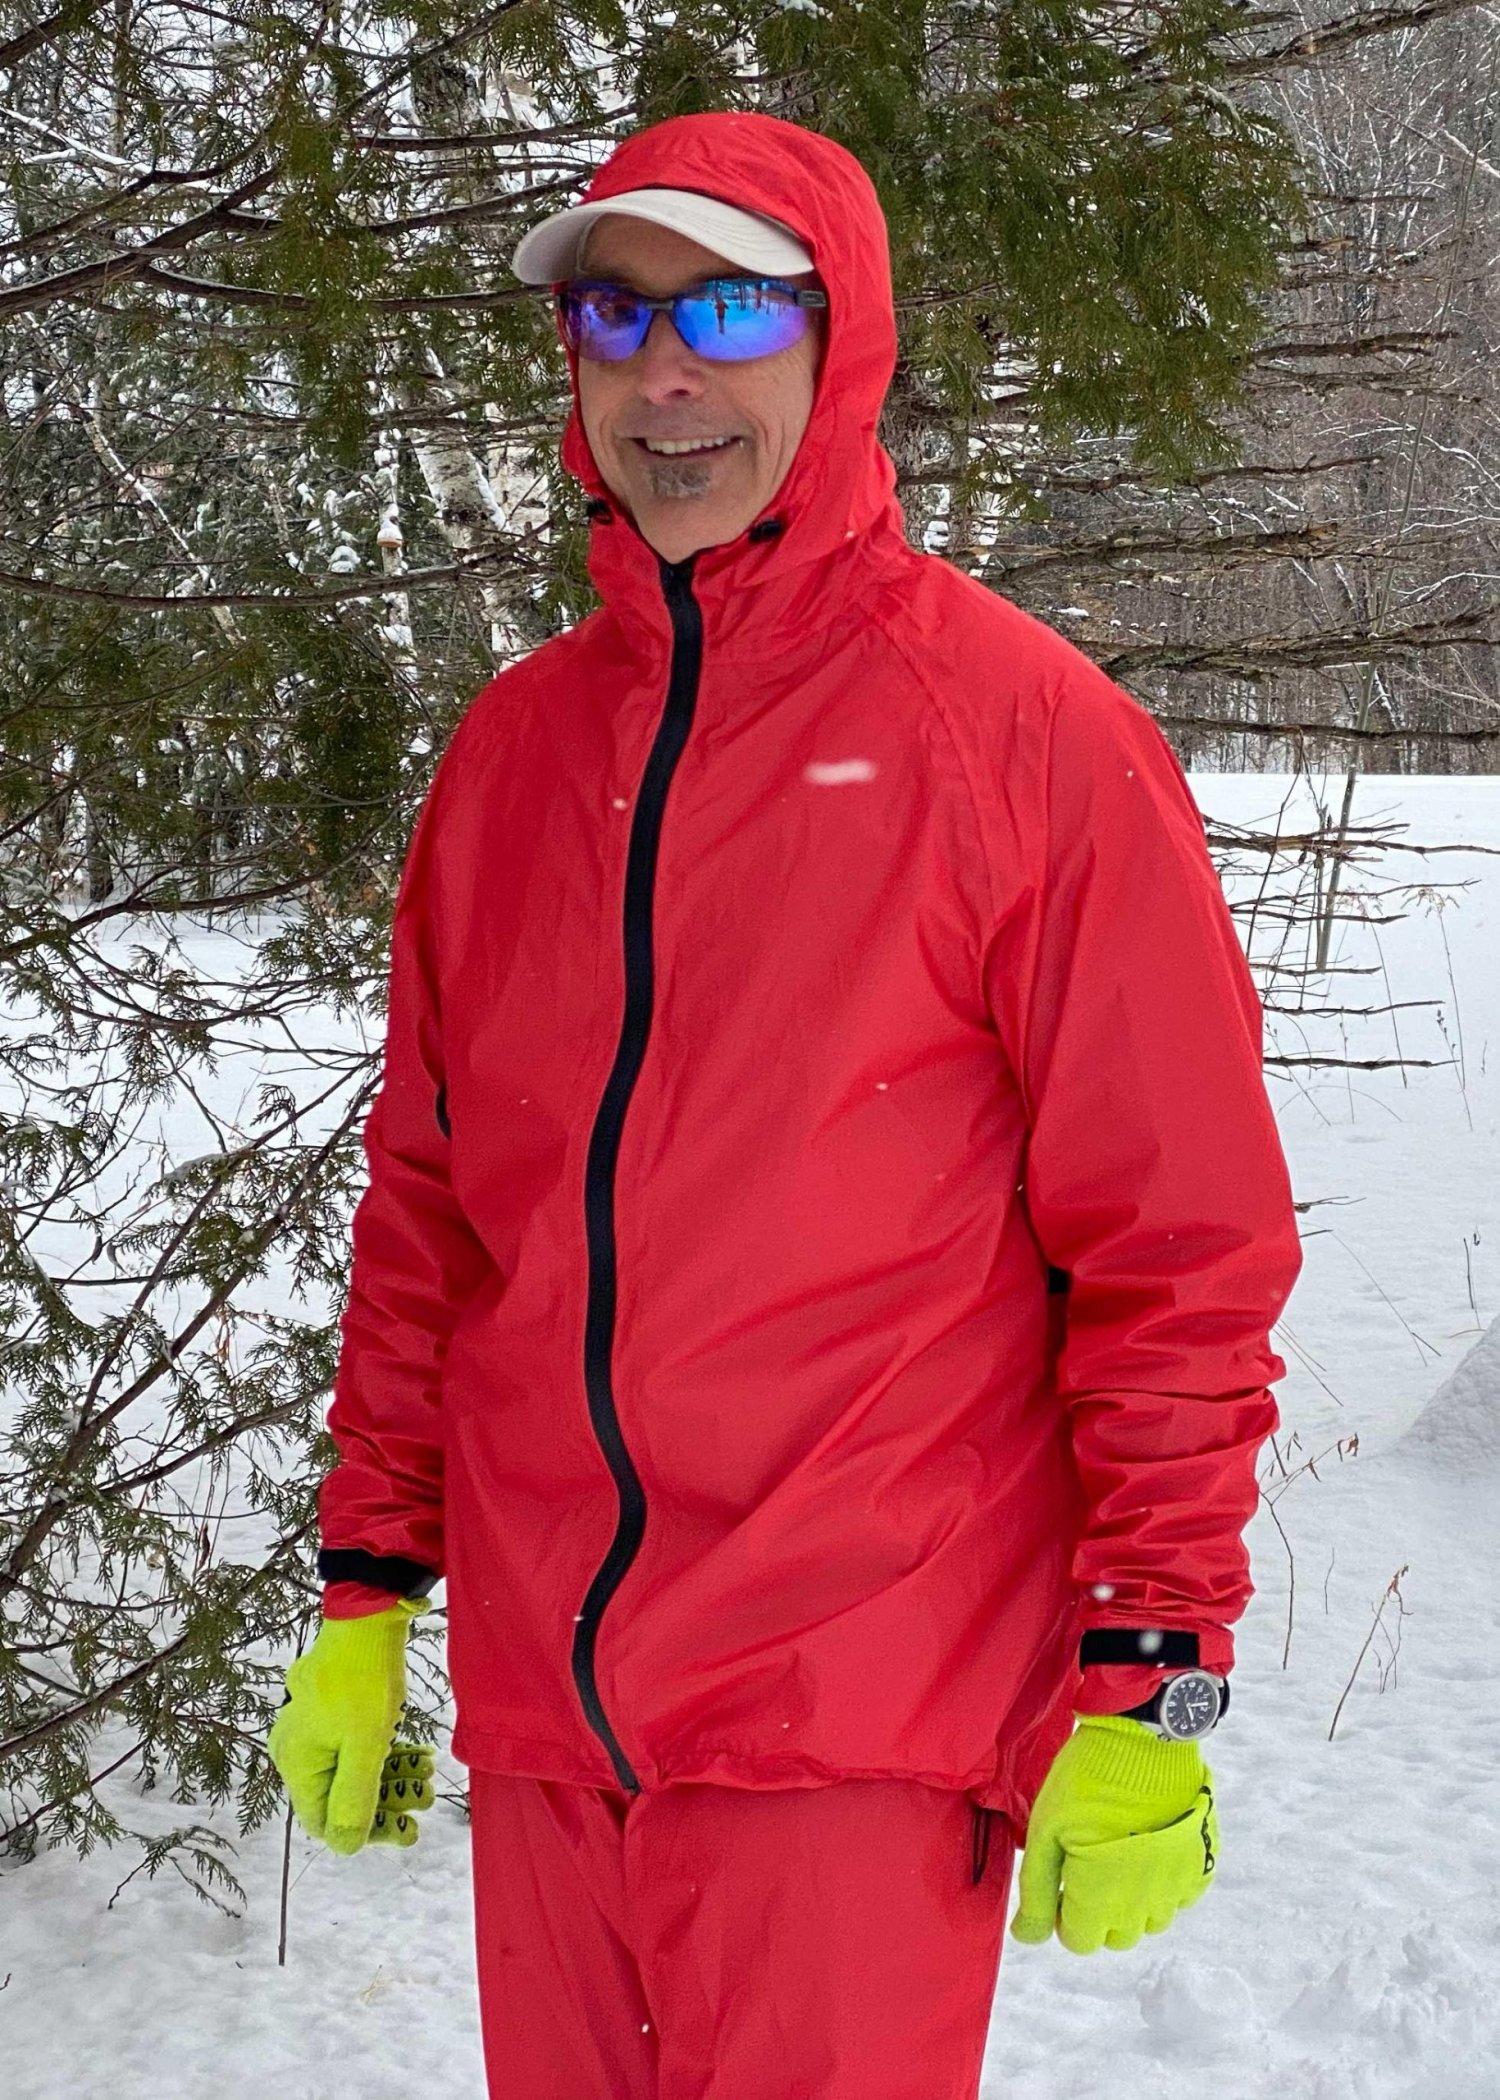 ultralight rain jacket - Enlightened Equipment Visp